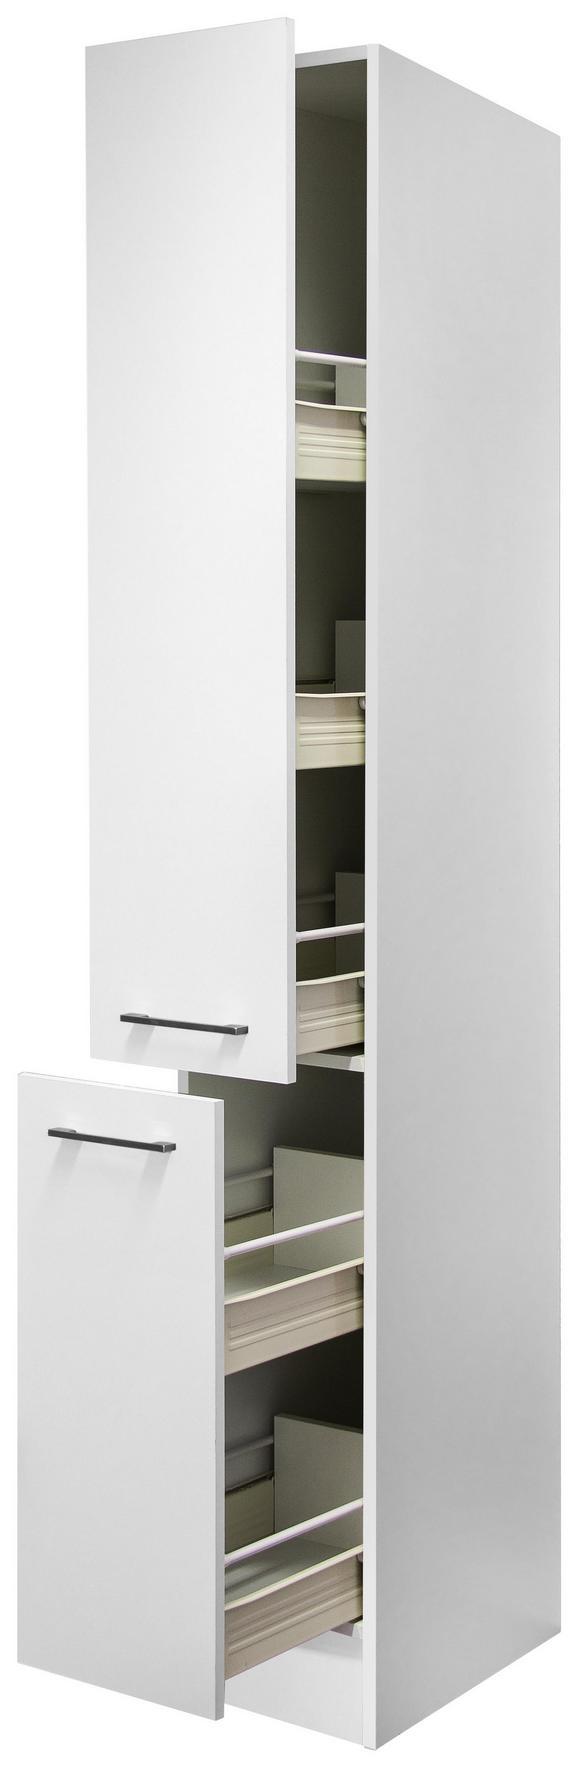 Apothekerschrank Weiß - Edelstahlfarben/Weiß, MODERN, Holzwerkstoff/Metall (30/200/57cm)